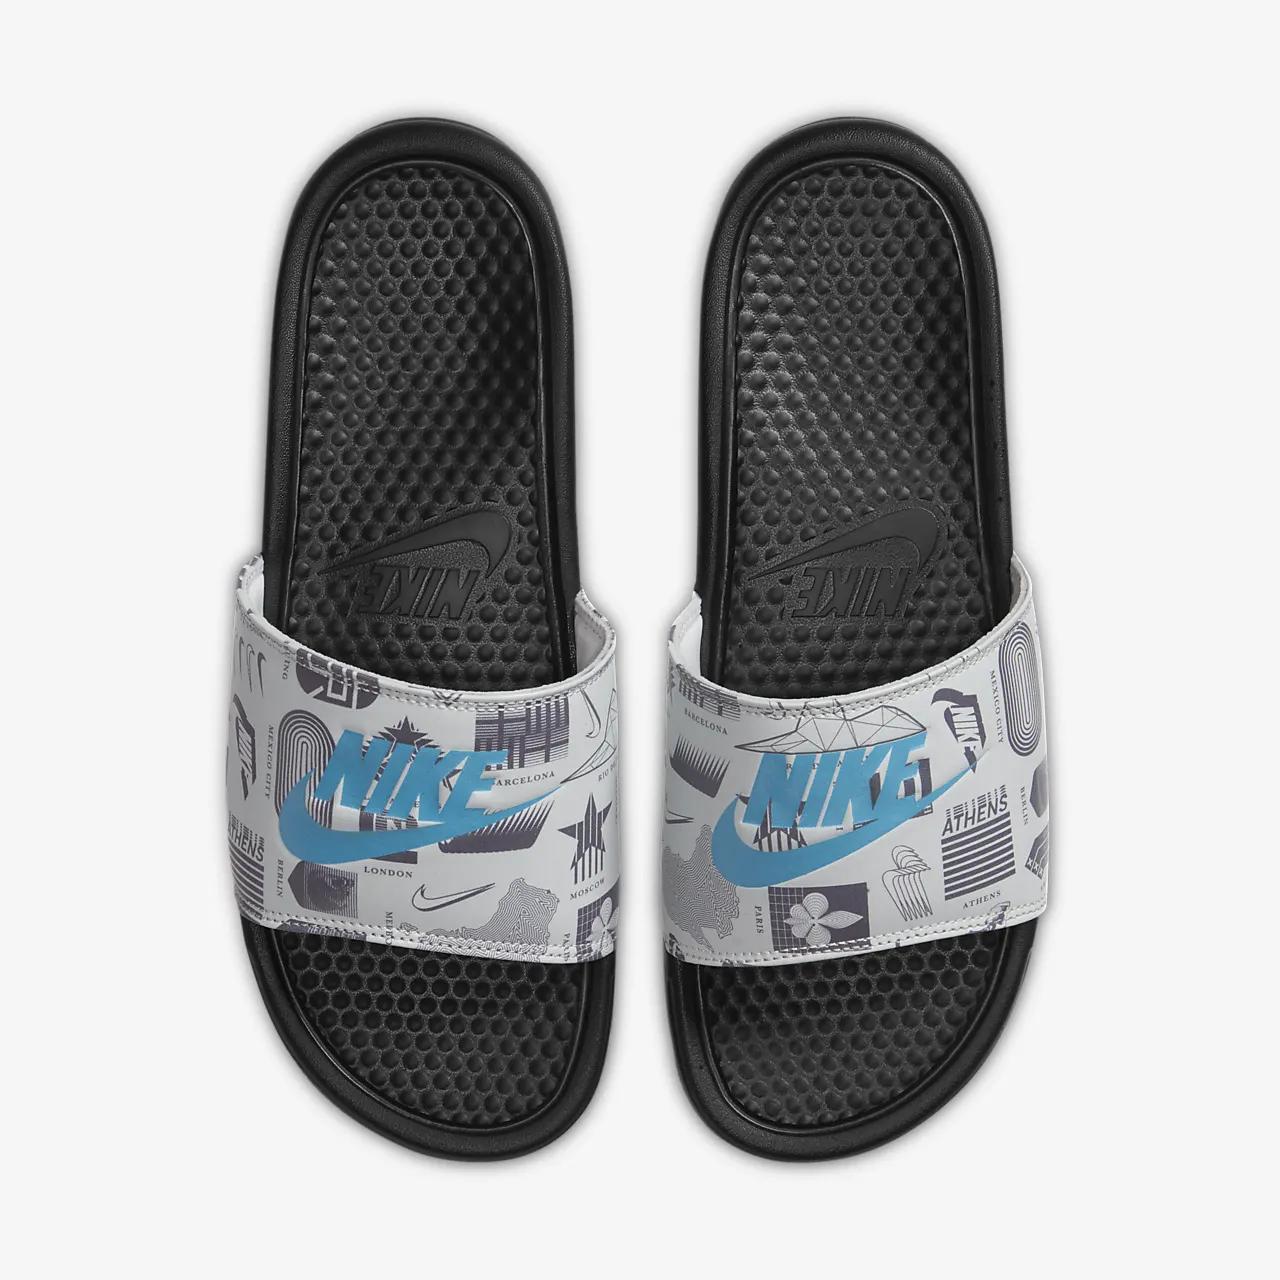 유럽직배송 나이키 NIKE Nike Benassi JDI Men's Slide 631261-041